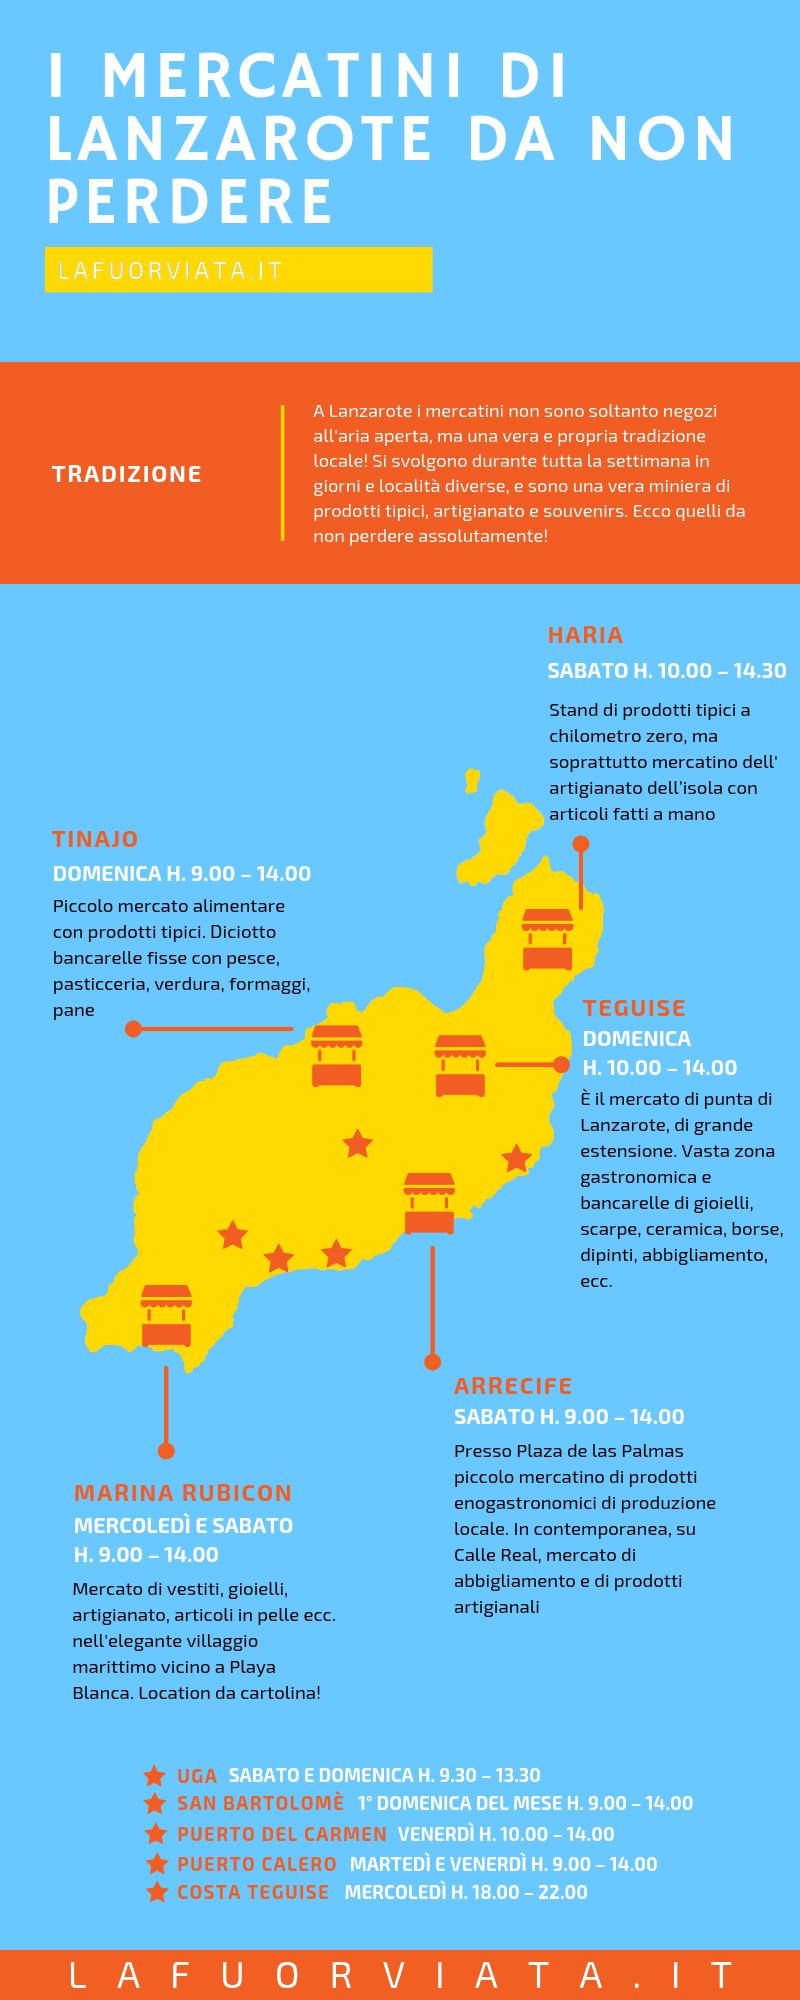 Mercatini a Lanzarote, Infografica